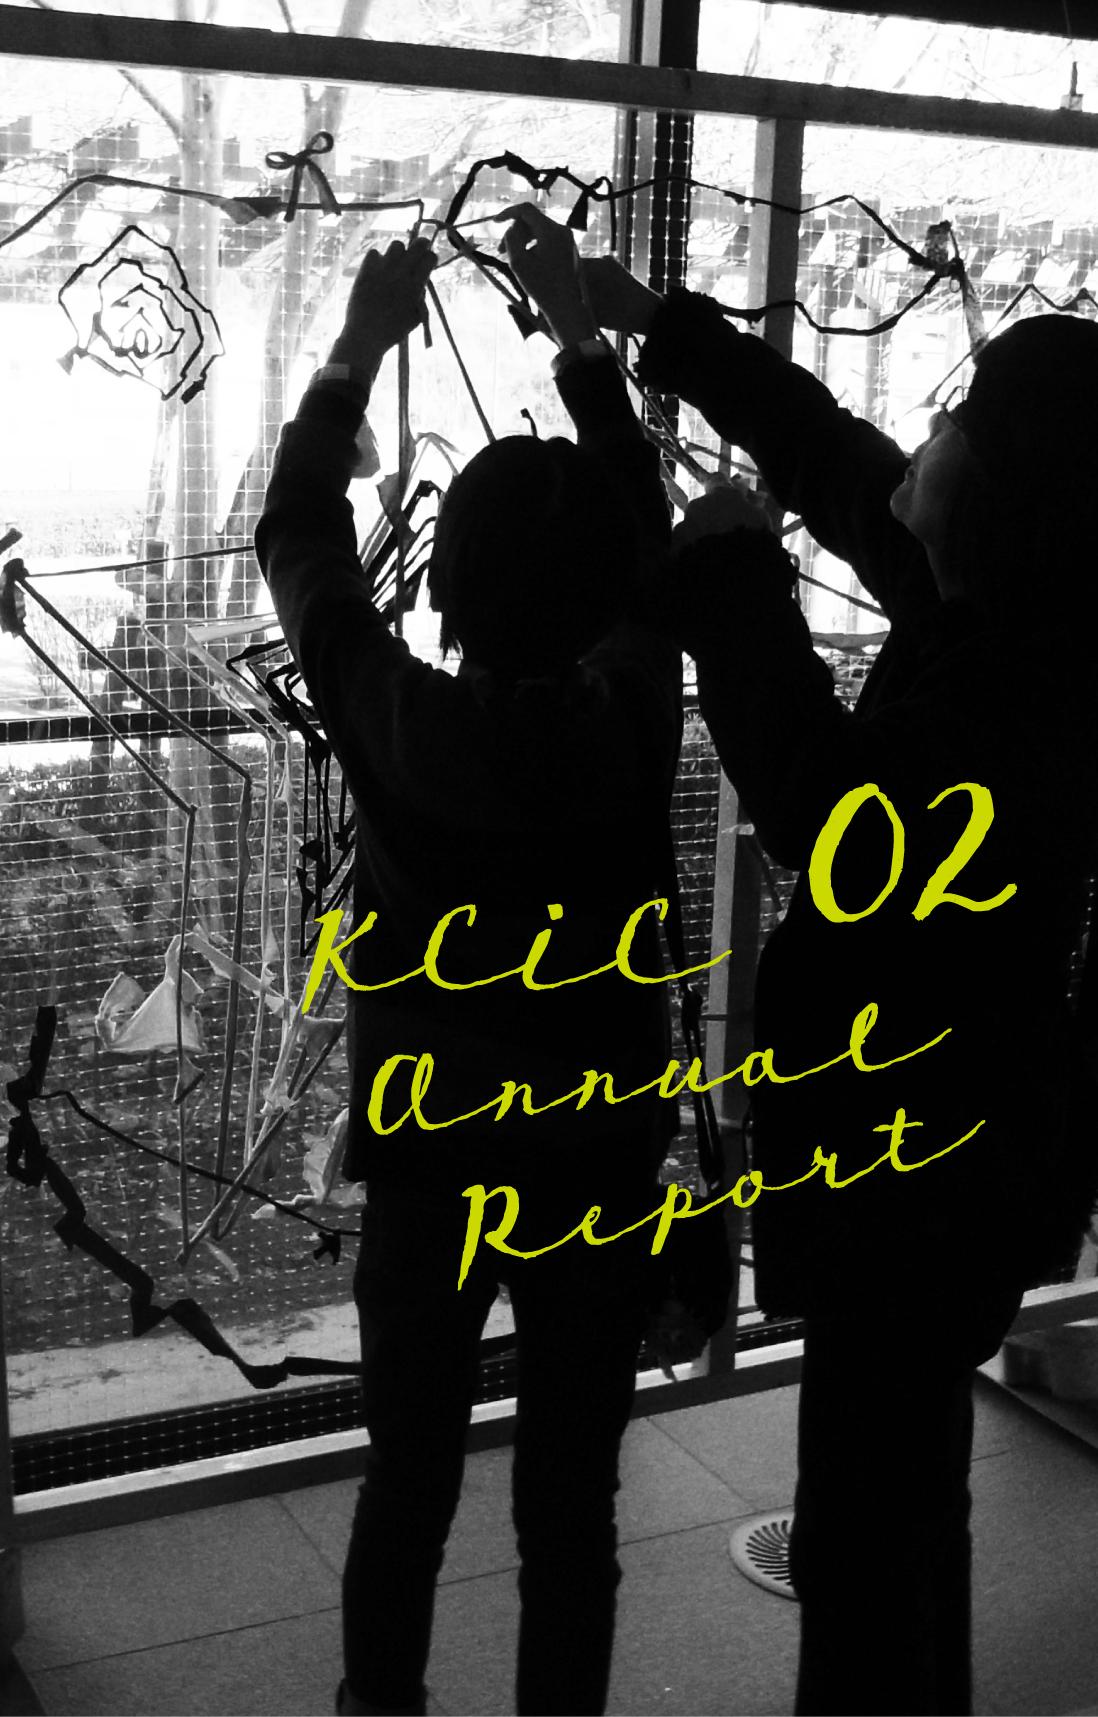 【公開中】KCIC BOOKS アニュアルレポート  02